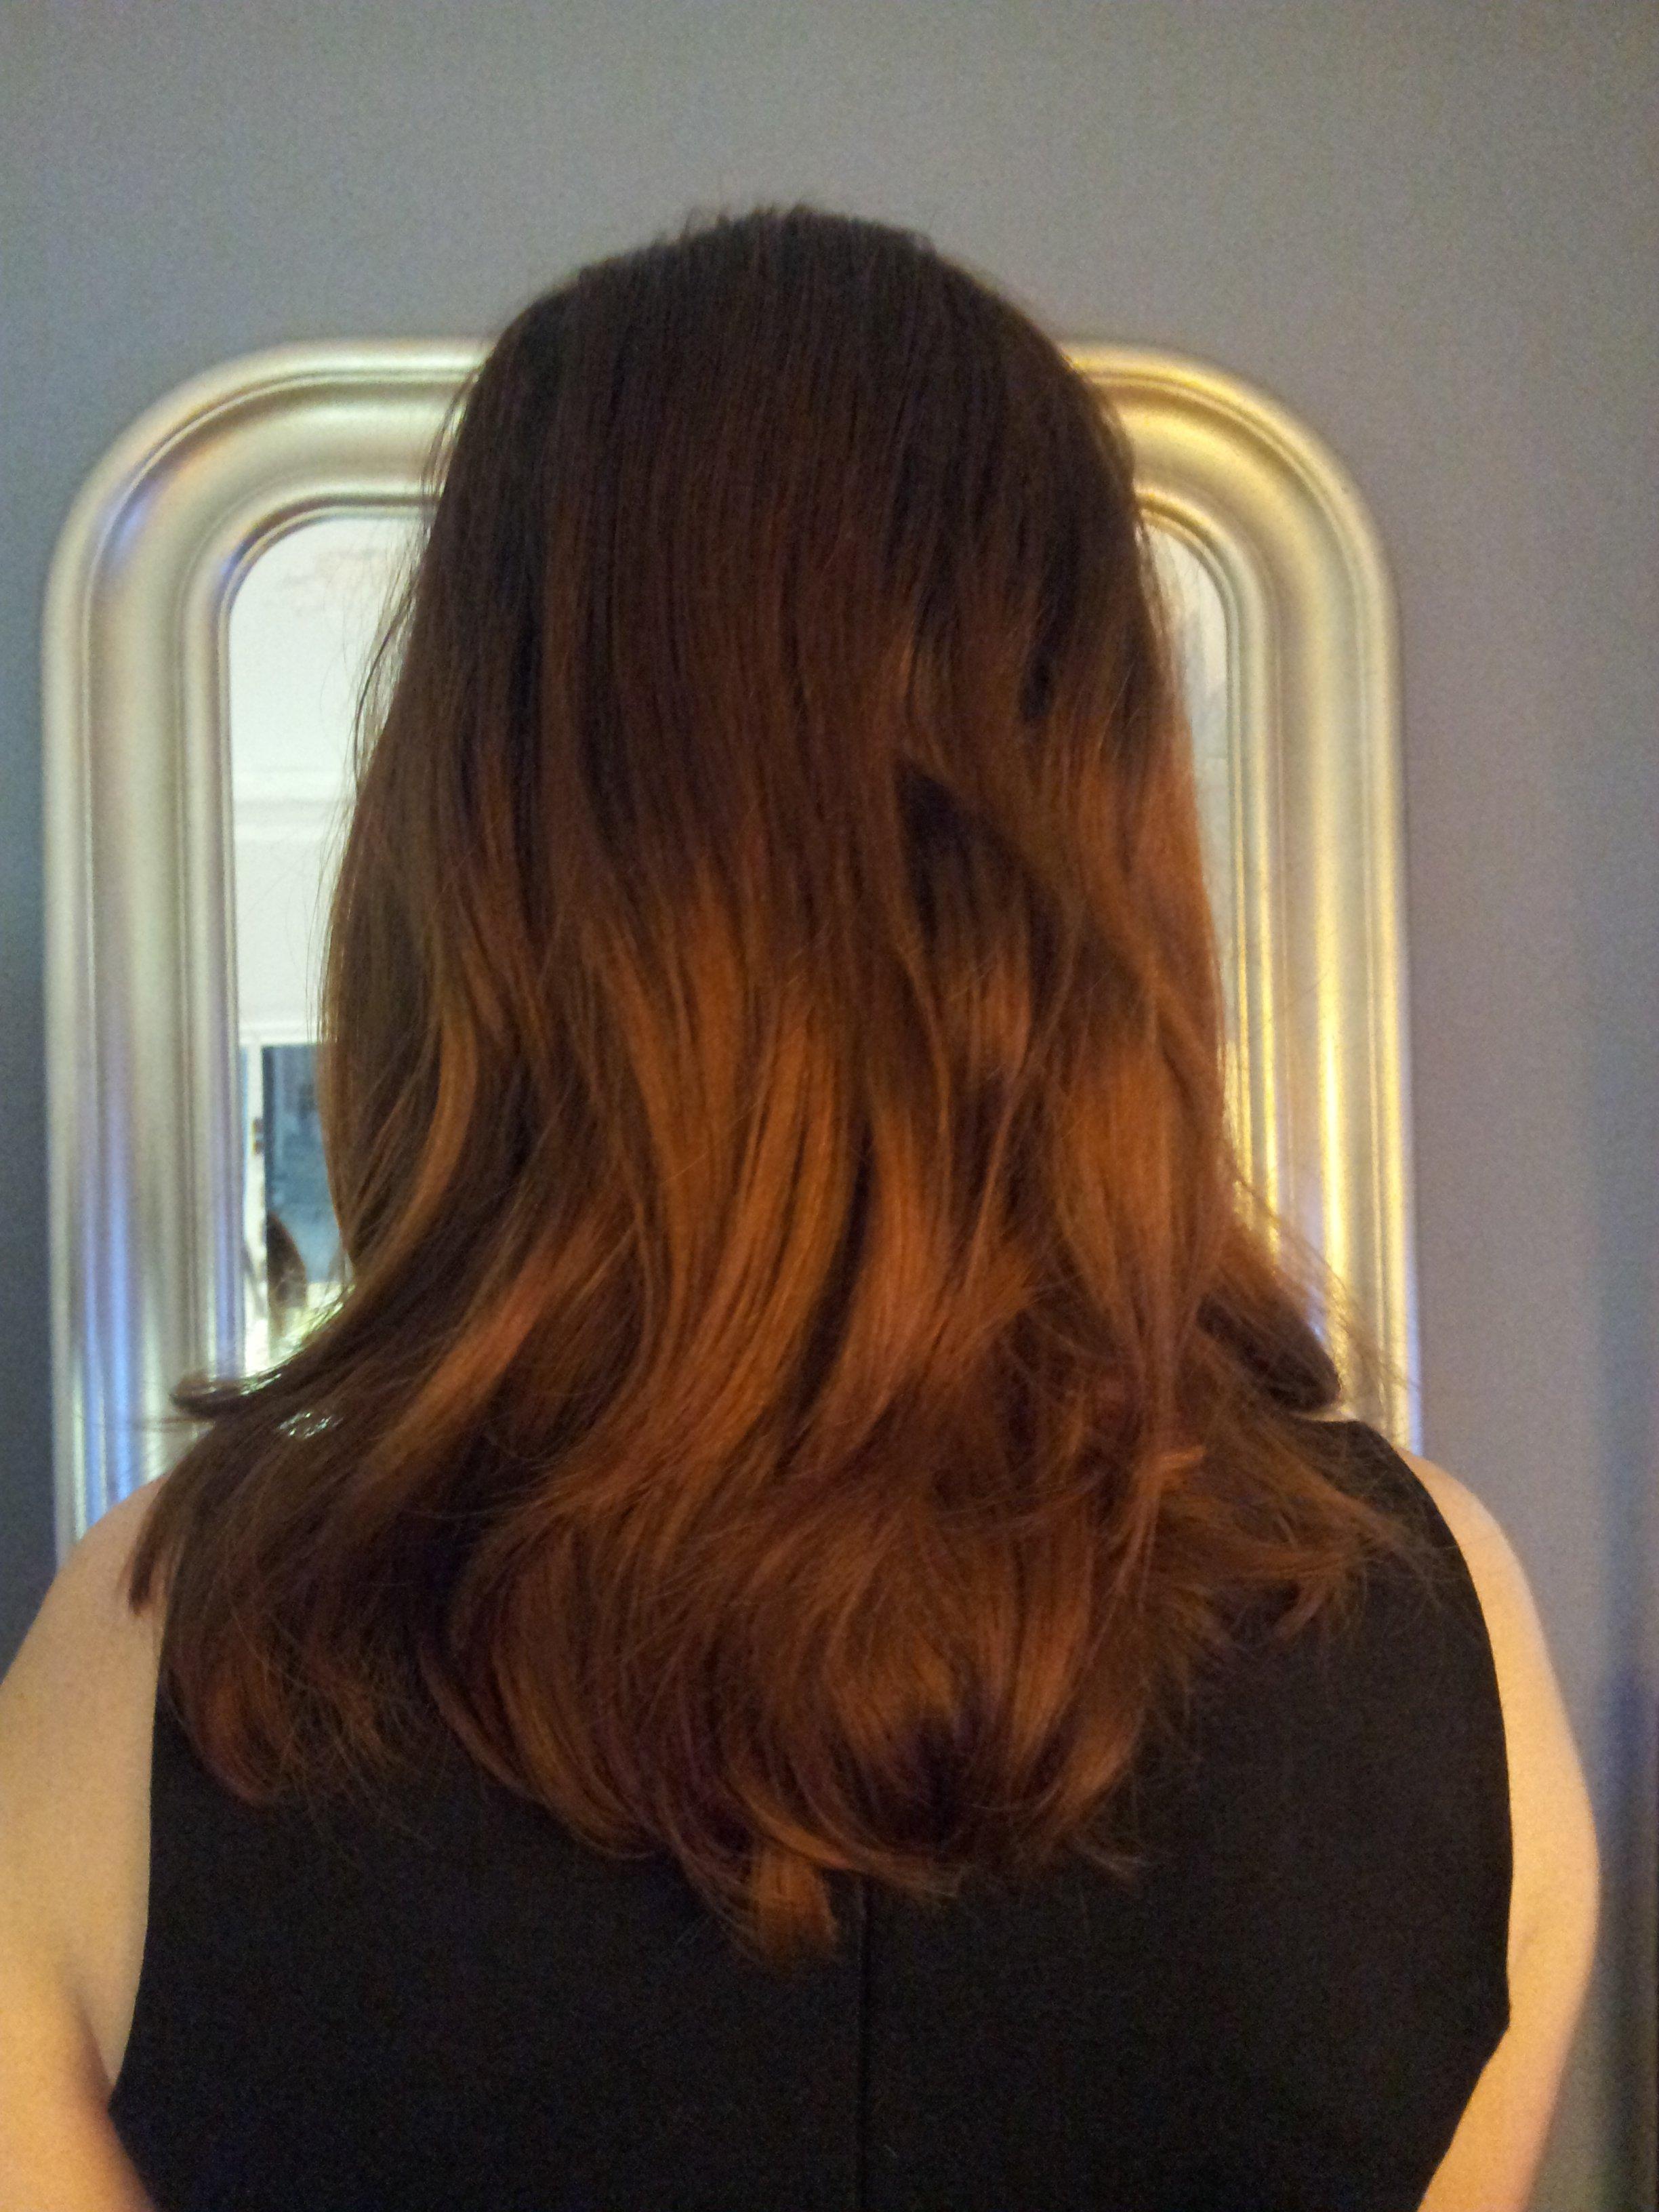 The Long And Short Of Decorating Your Room In Bohemian: Tutoriel Coiffure Pour Cheveux Long : Les Cheveux Sur Le